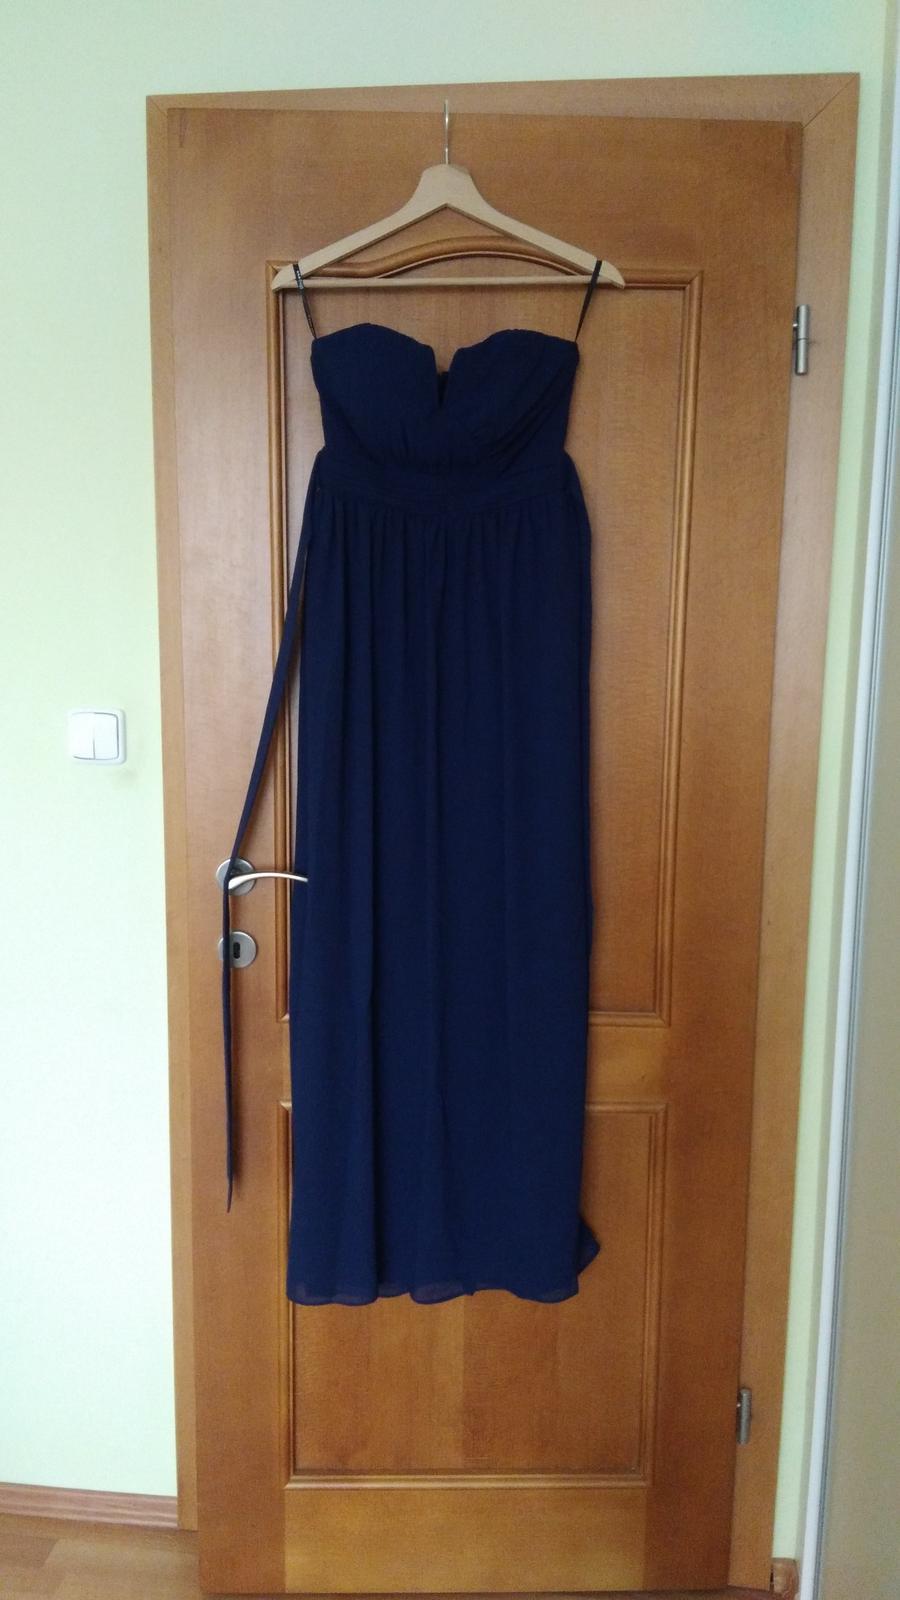 Modré popolnočné šaty vo veľkosti 36 - Obrázok č. 3